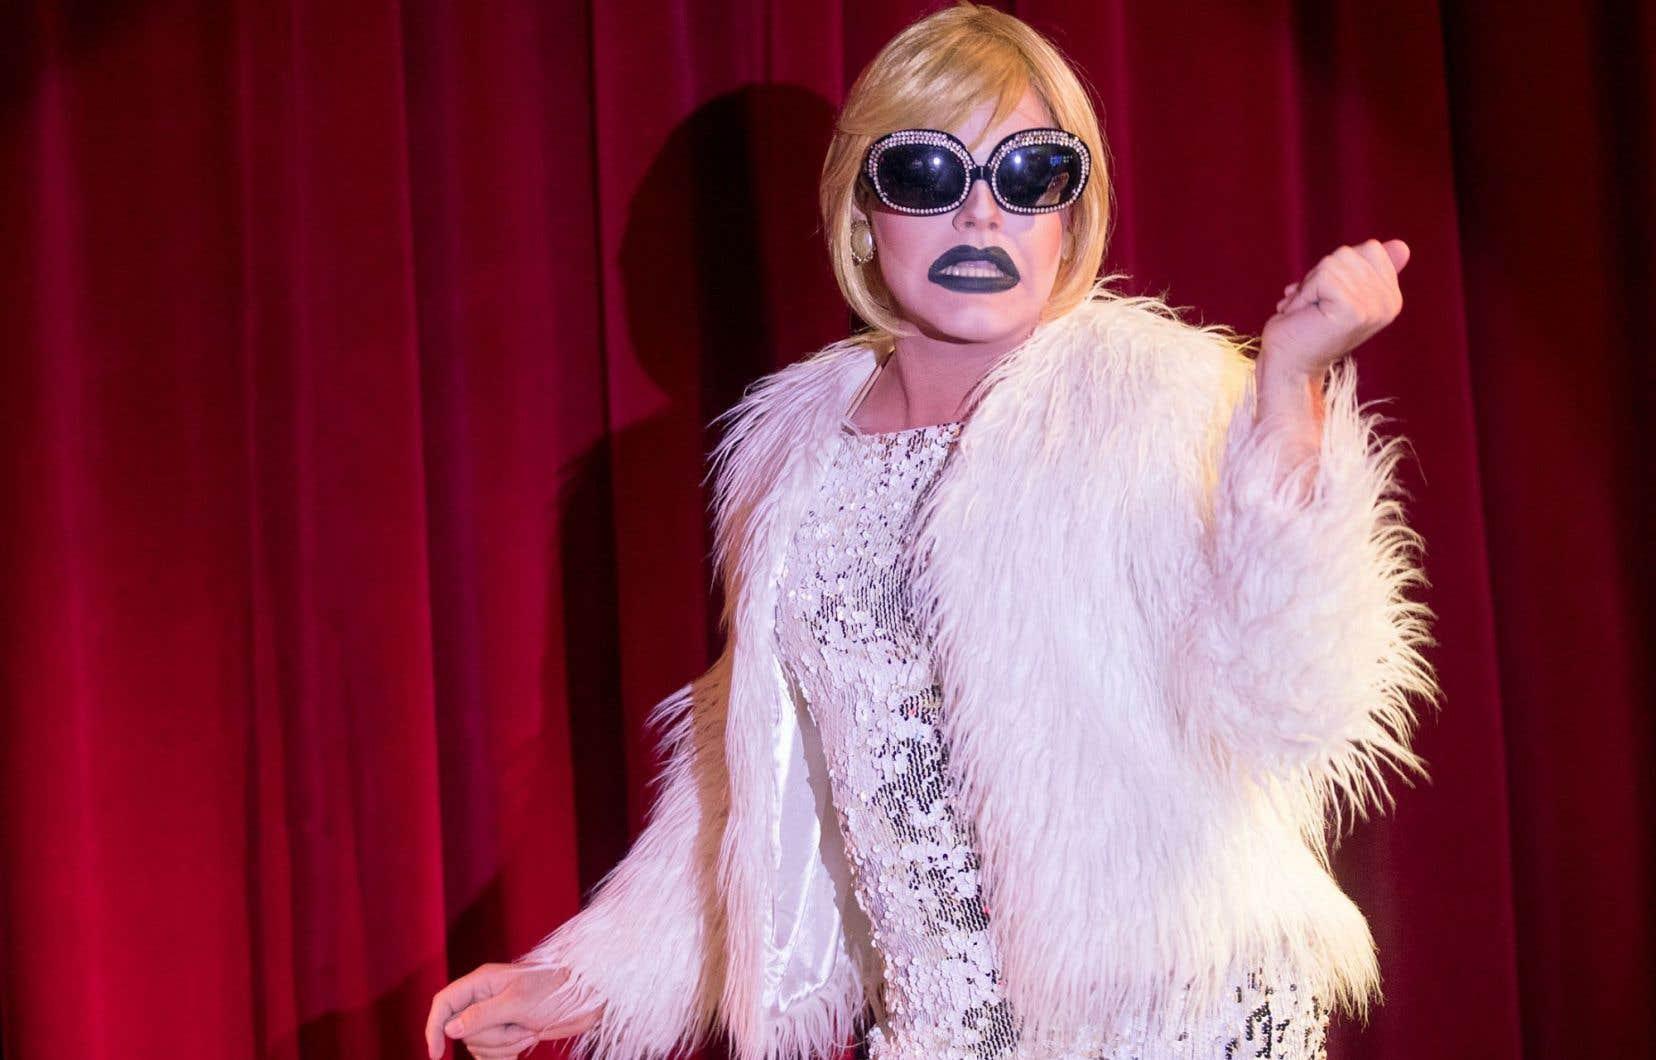 Le public québécois prend de plus en plus goût à voir des hommes habillés en diva danser, chanter et lancer des gags assassins.